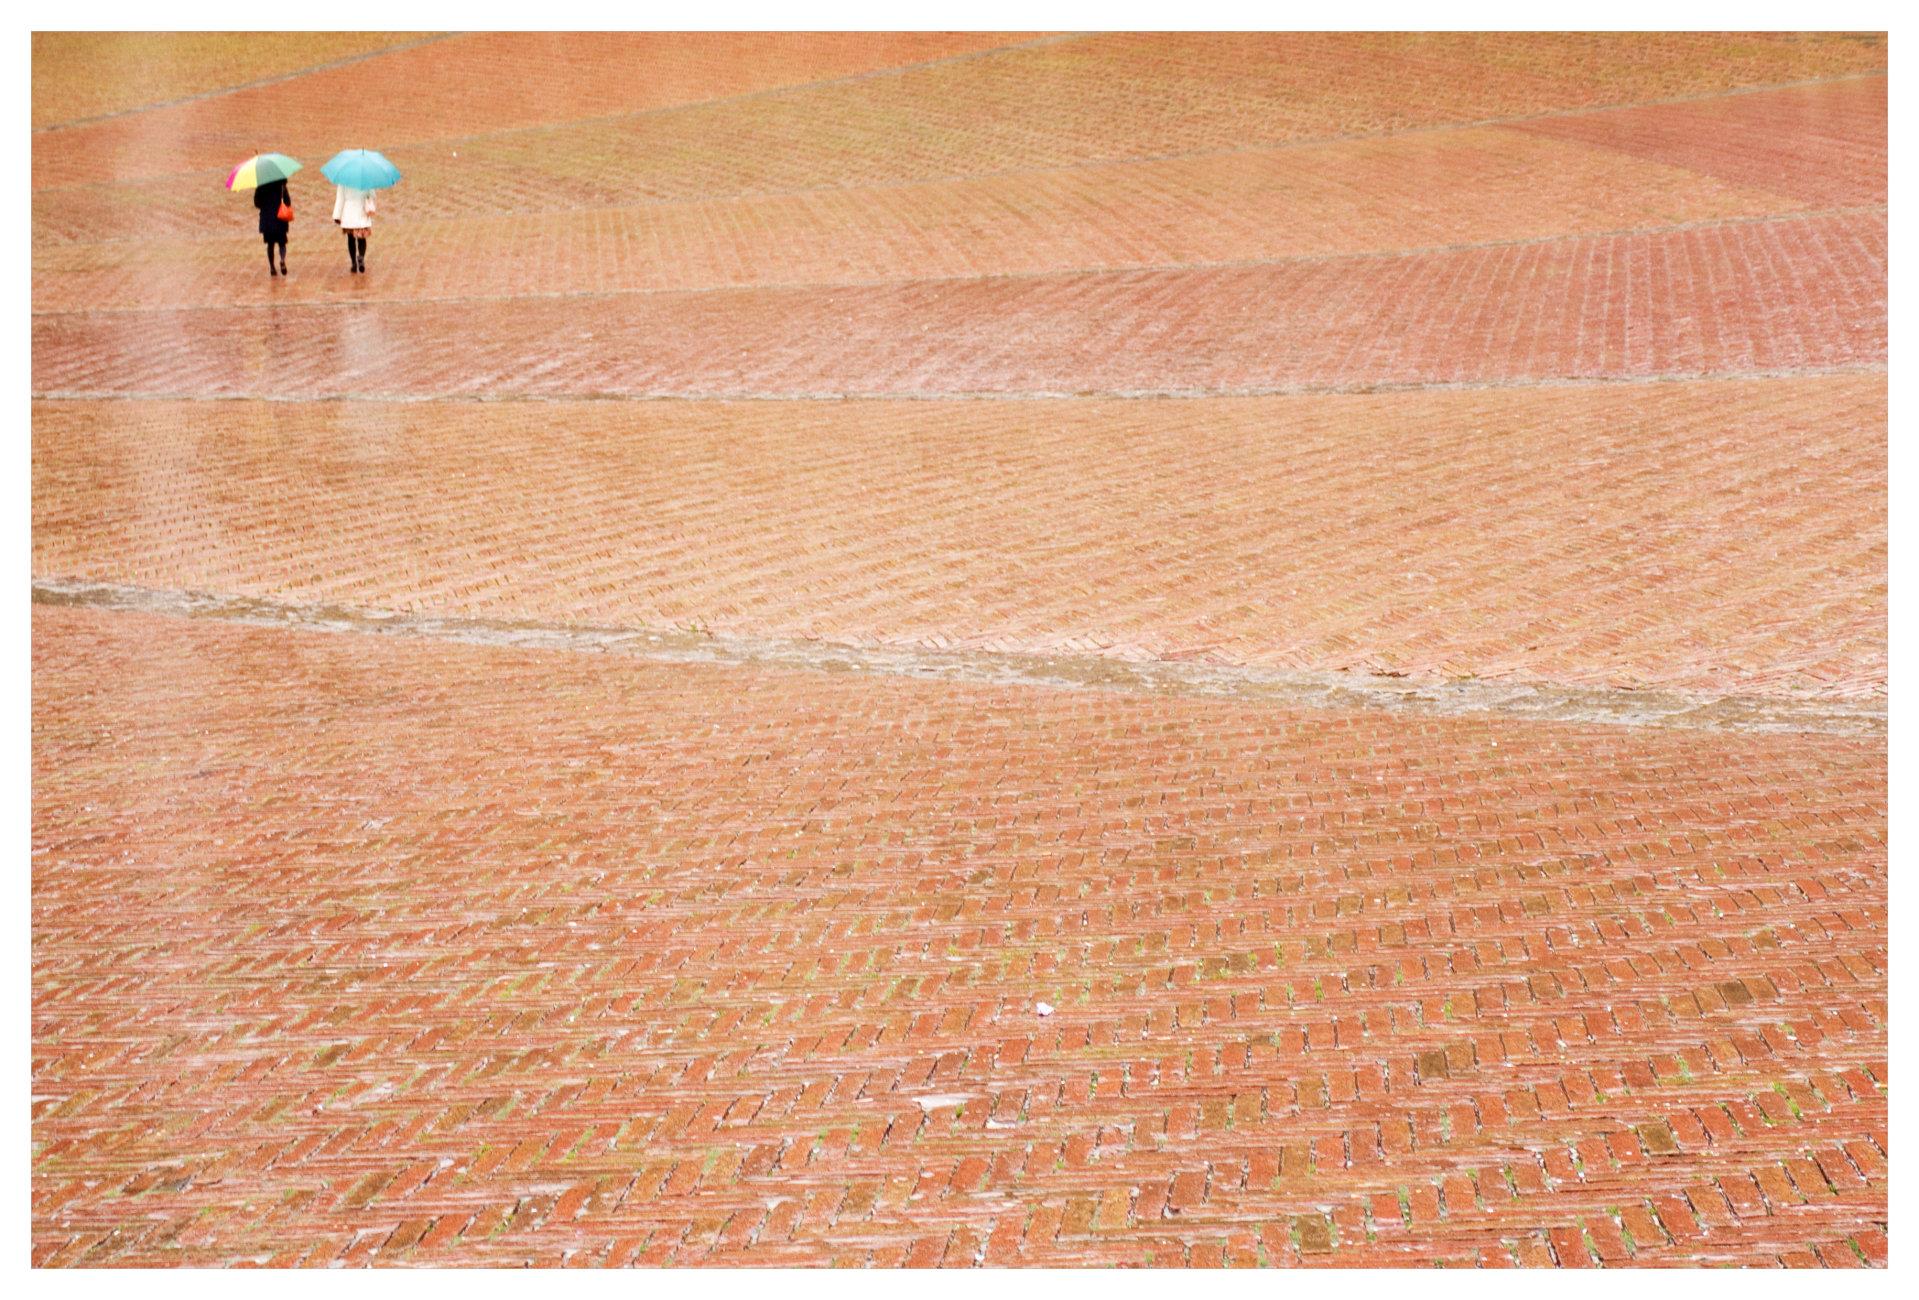 pioggia continua